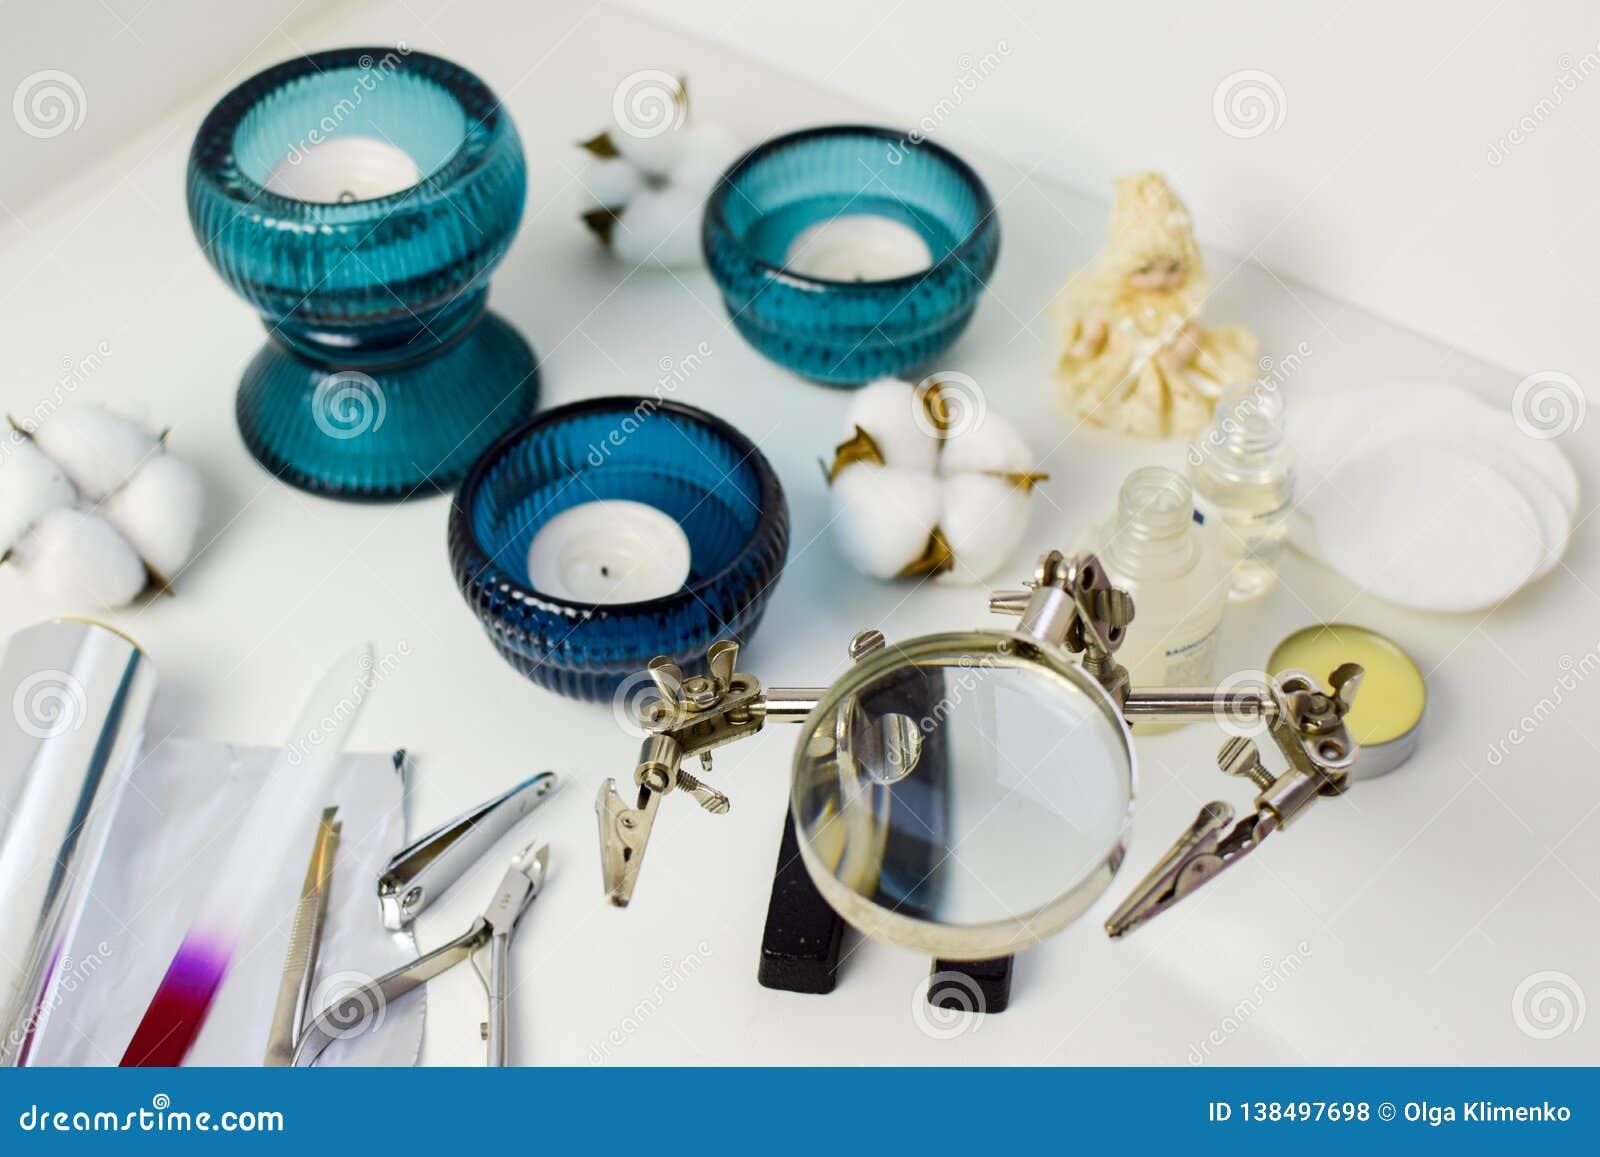 Manikyrhjälpmedel, stearinljus i turkosljusstakar, bomull och keramisk docka, ovanligt förstoringsglas